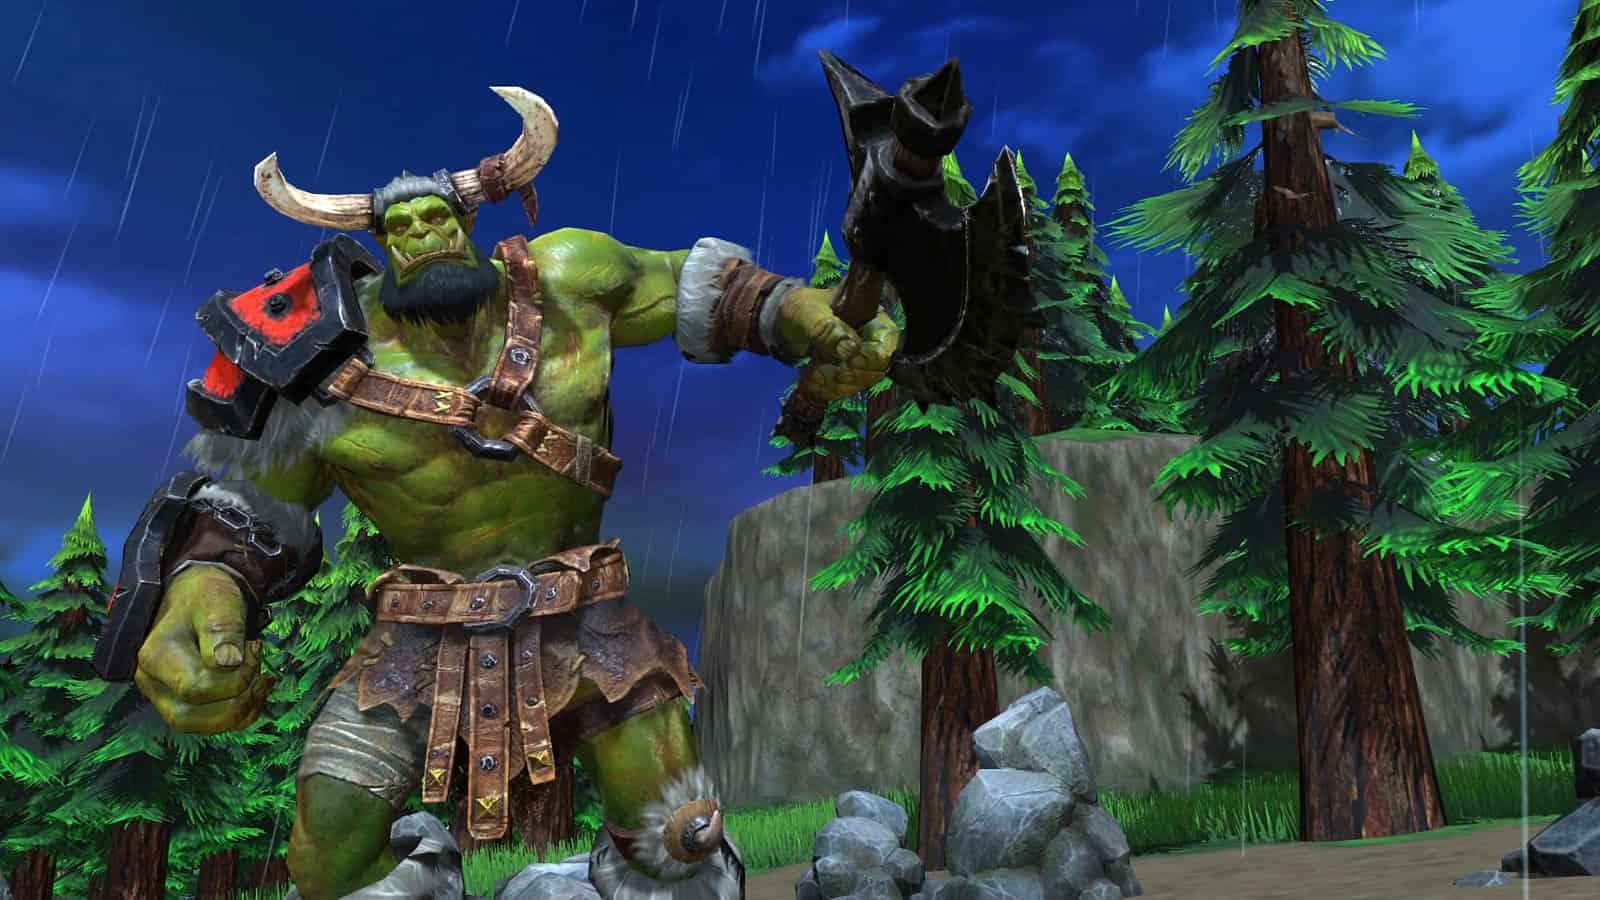 La nouvelle modélisation 3D des orcs de Warcraft 3 Reforged